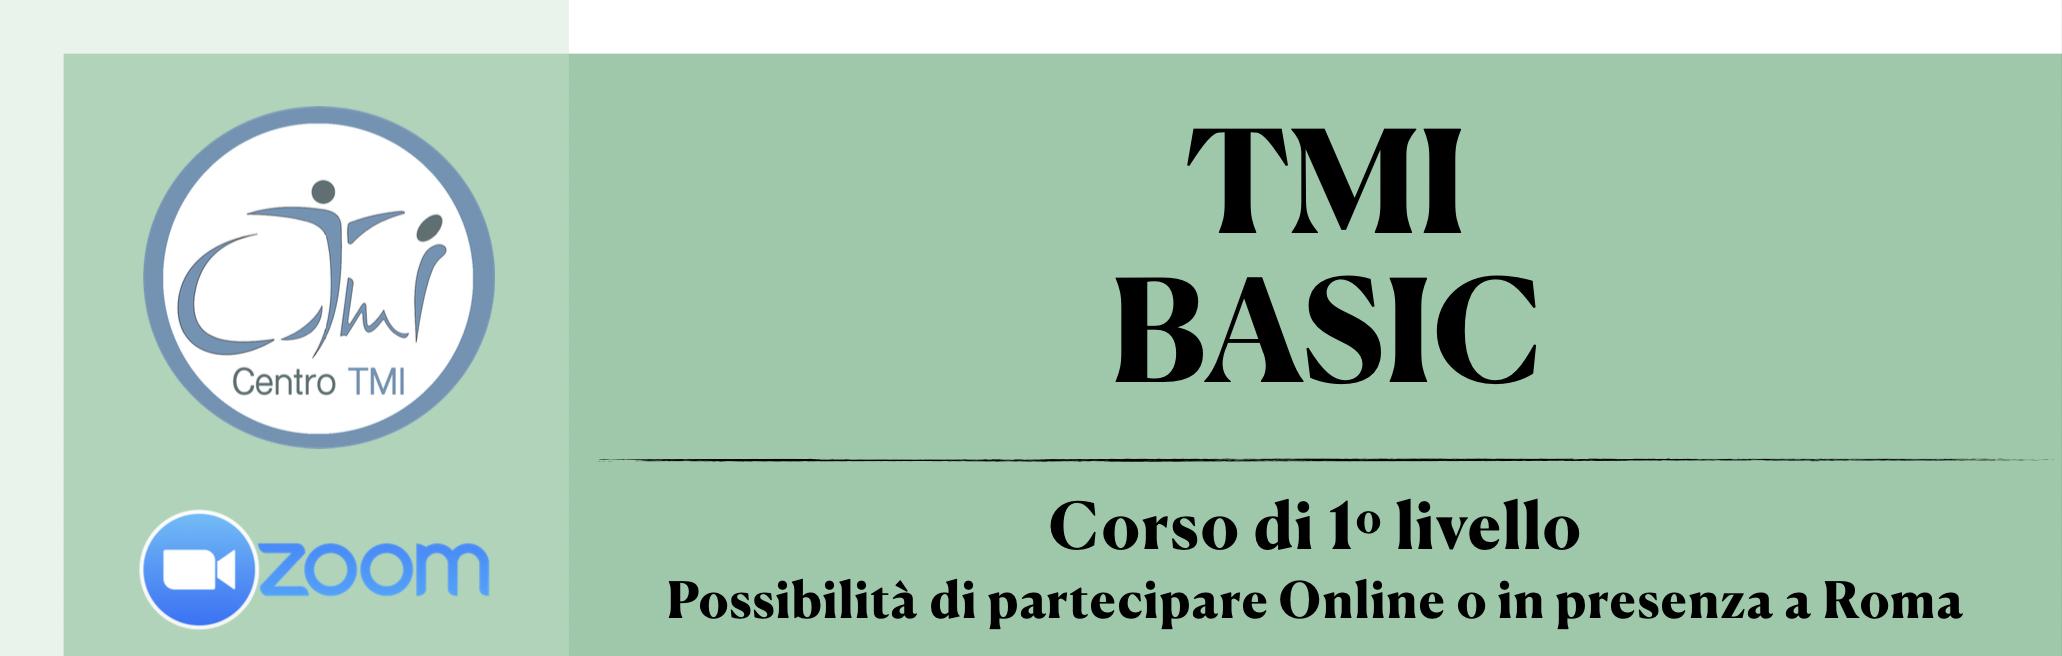 TMI_BASIC